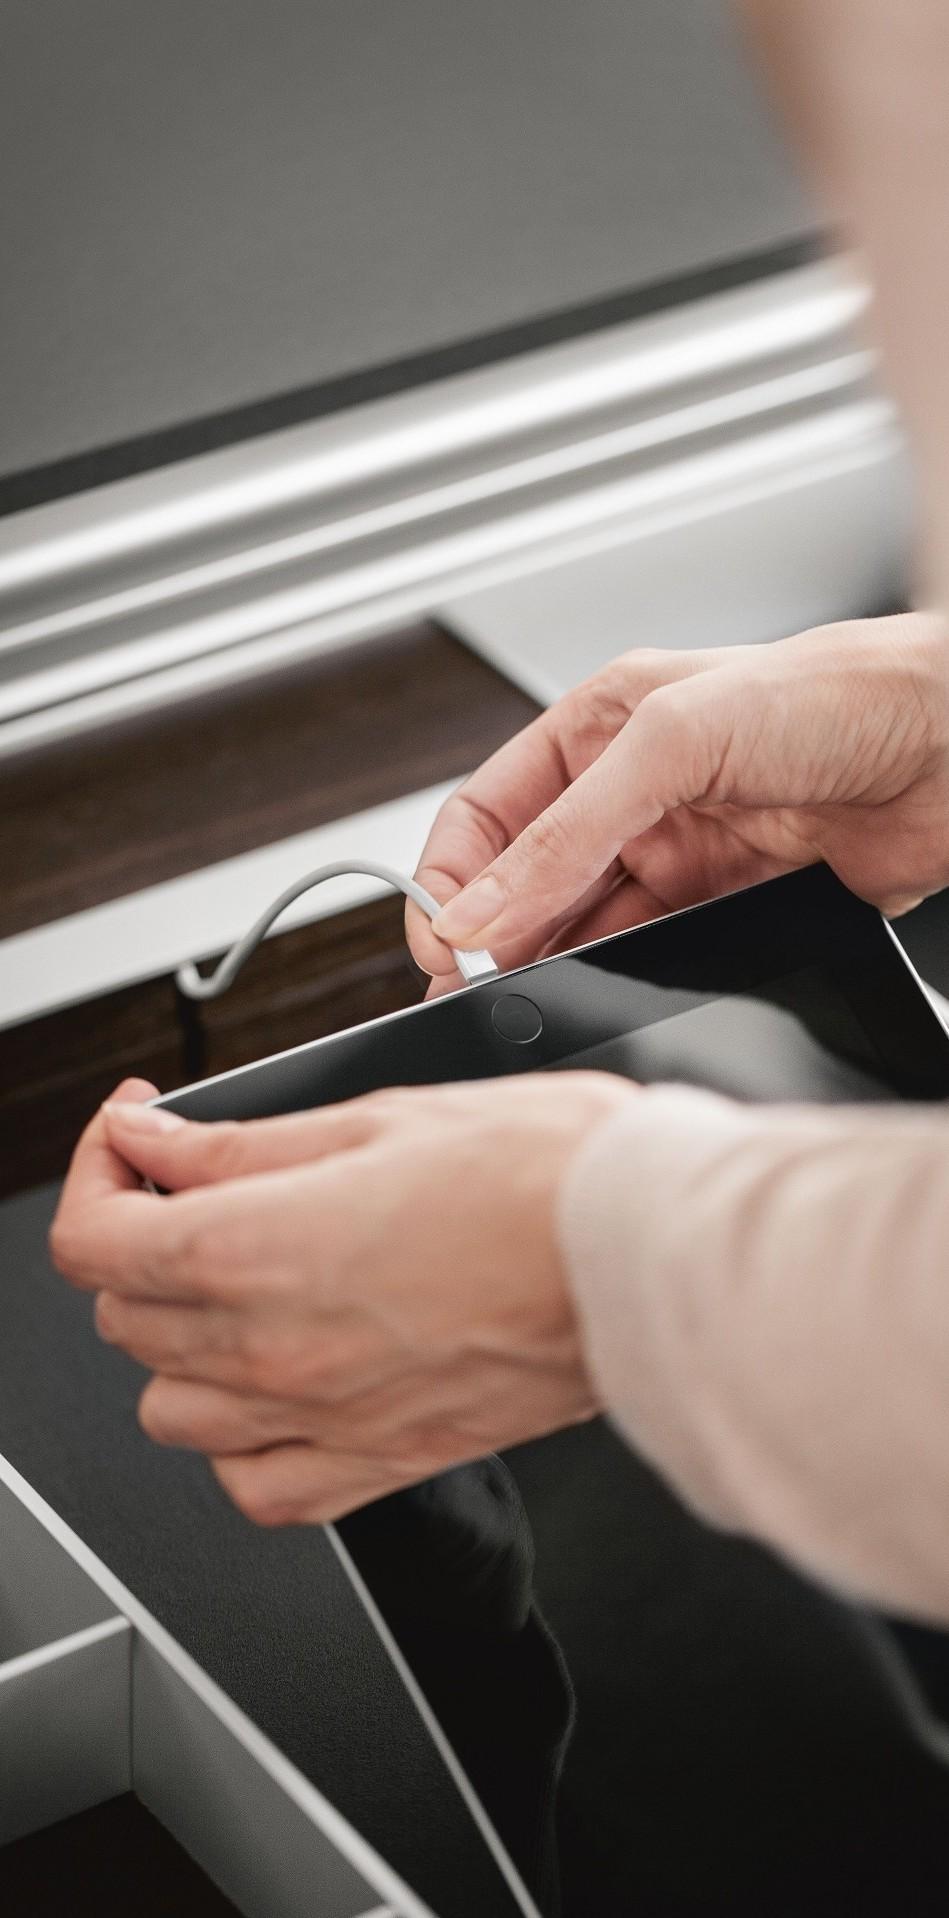 Usb-laadstation uit het SieMatic aluminium opbergsysteem in schuiflade voor het opladen van iPad en iPhone.